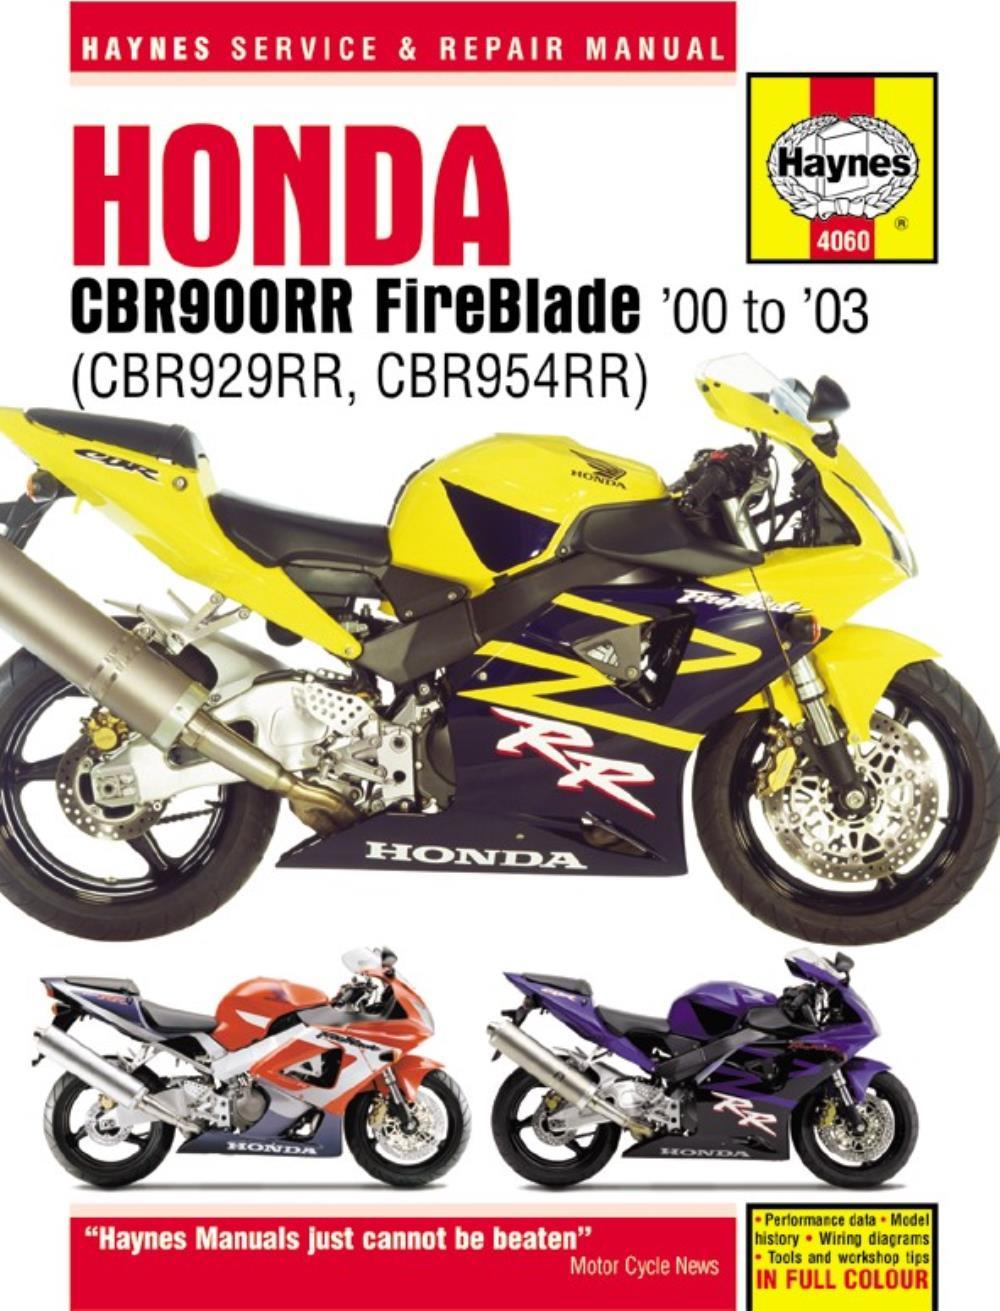 hight resolution of haynes manual 4060 honda cbr900rr 00 on special